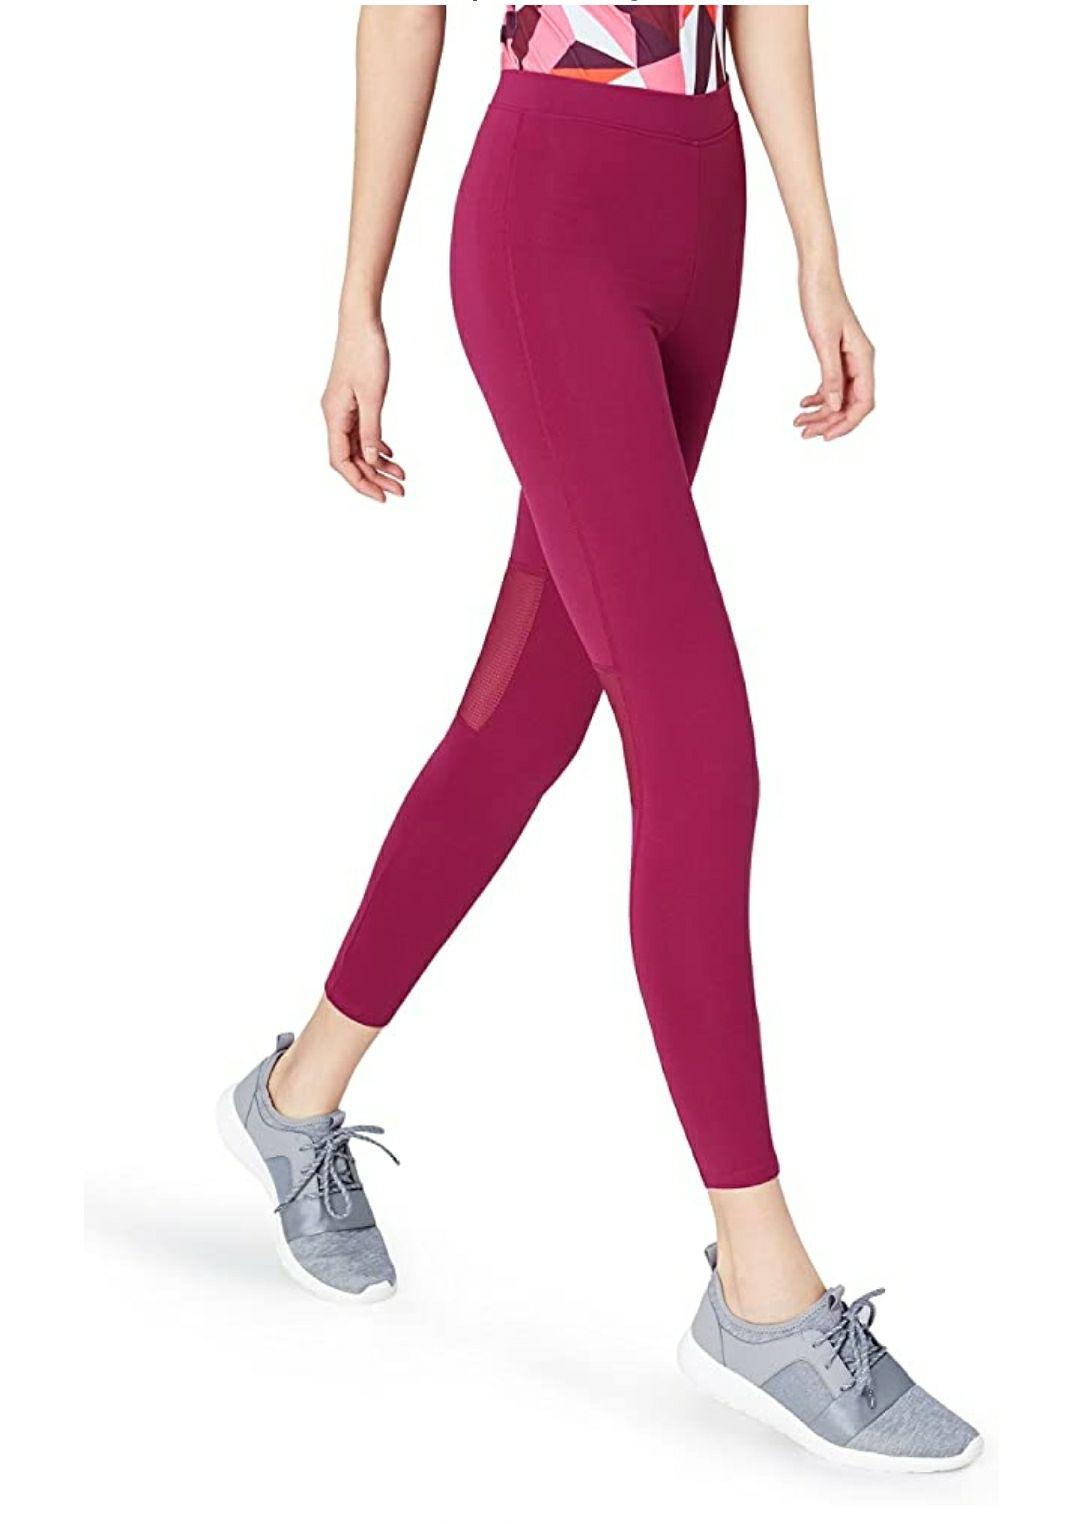 TALLA XL - Activewear Mallas de Deporte Mujer